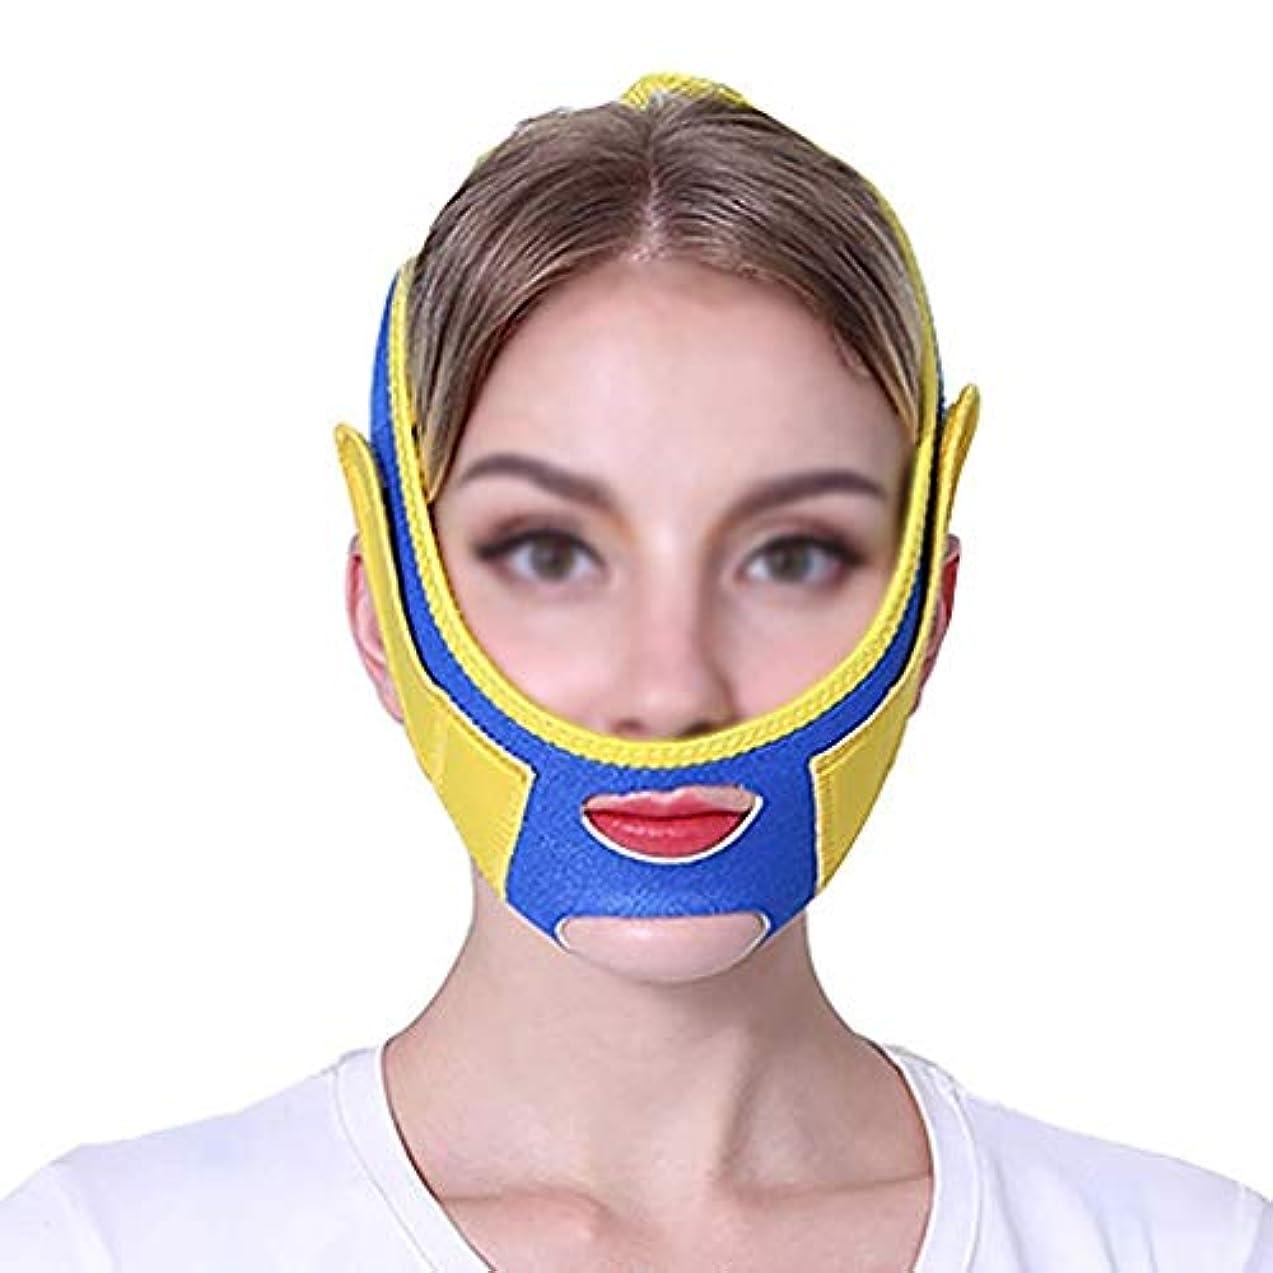 固めるバイソンつづりファーミングフェイスマスク、スモールVフェイスアーティファクトリフティングマスクフェイスリフティングフェイスメロンフェイスリフティングフェイスマスクファーミングクリームフェイスリフティングバンデージ